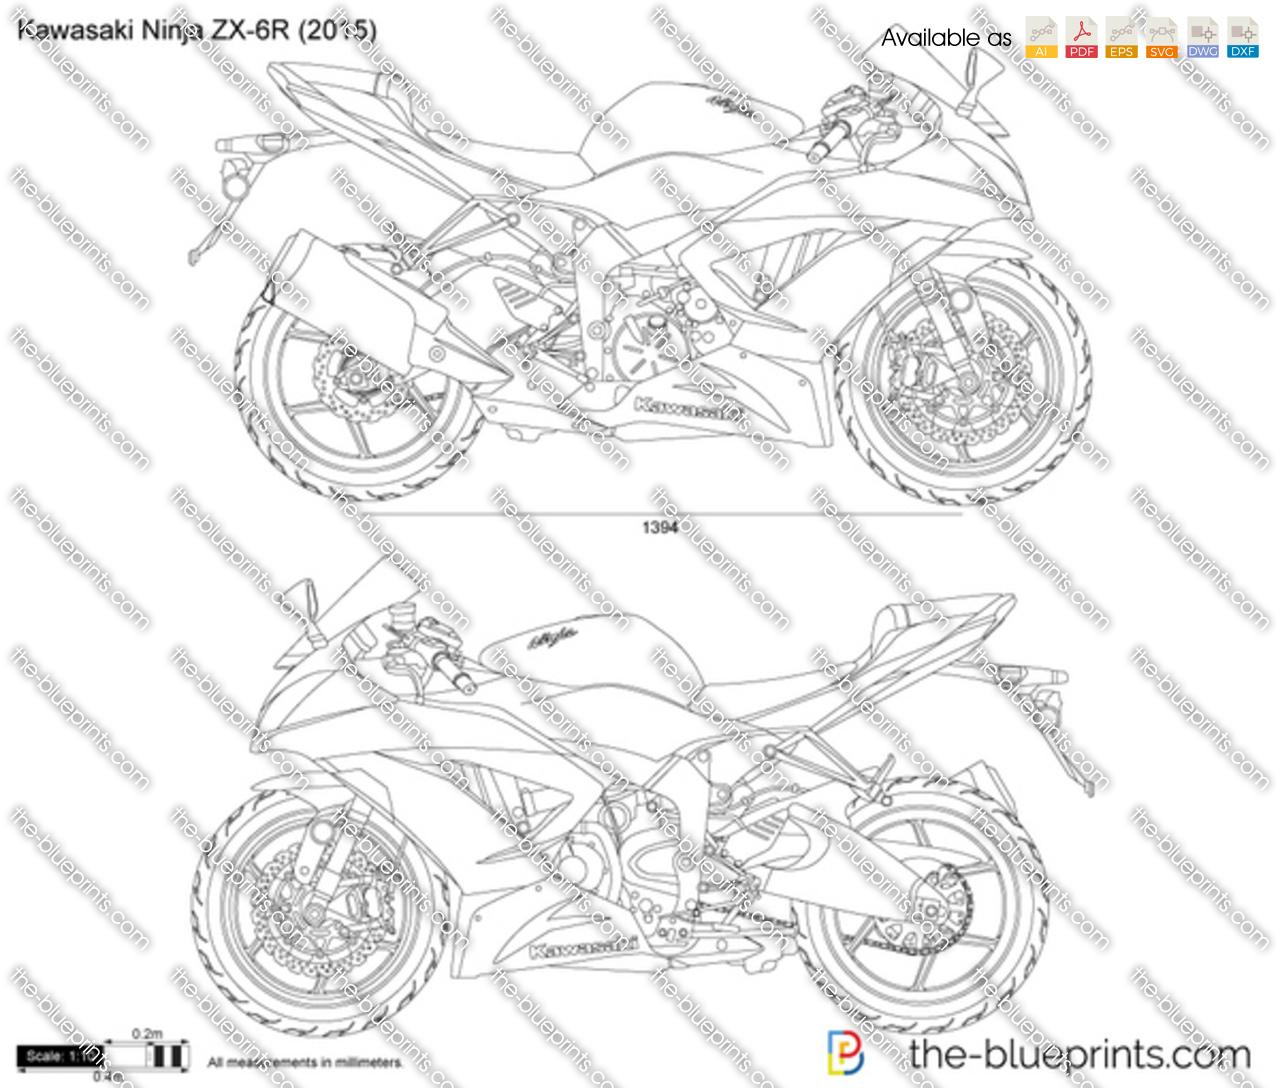 Kawasaki Ninja ZX-6R vector drawing